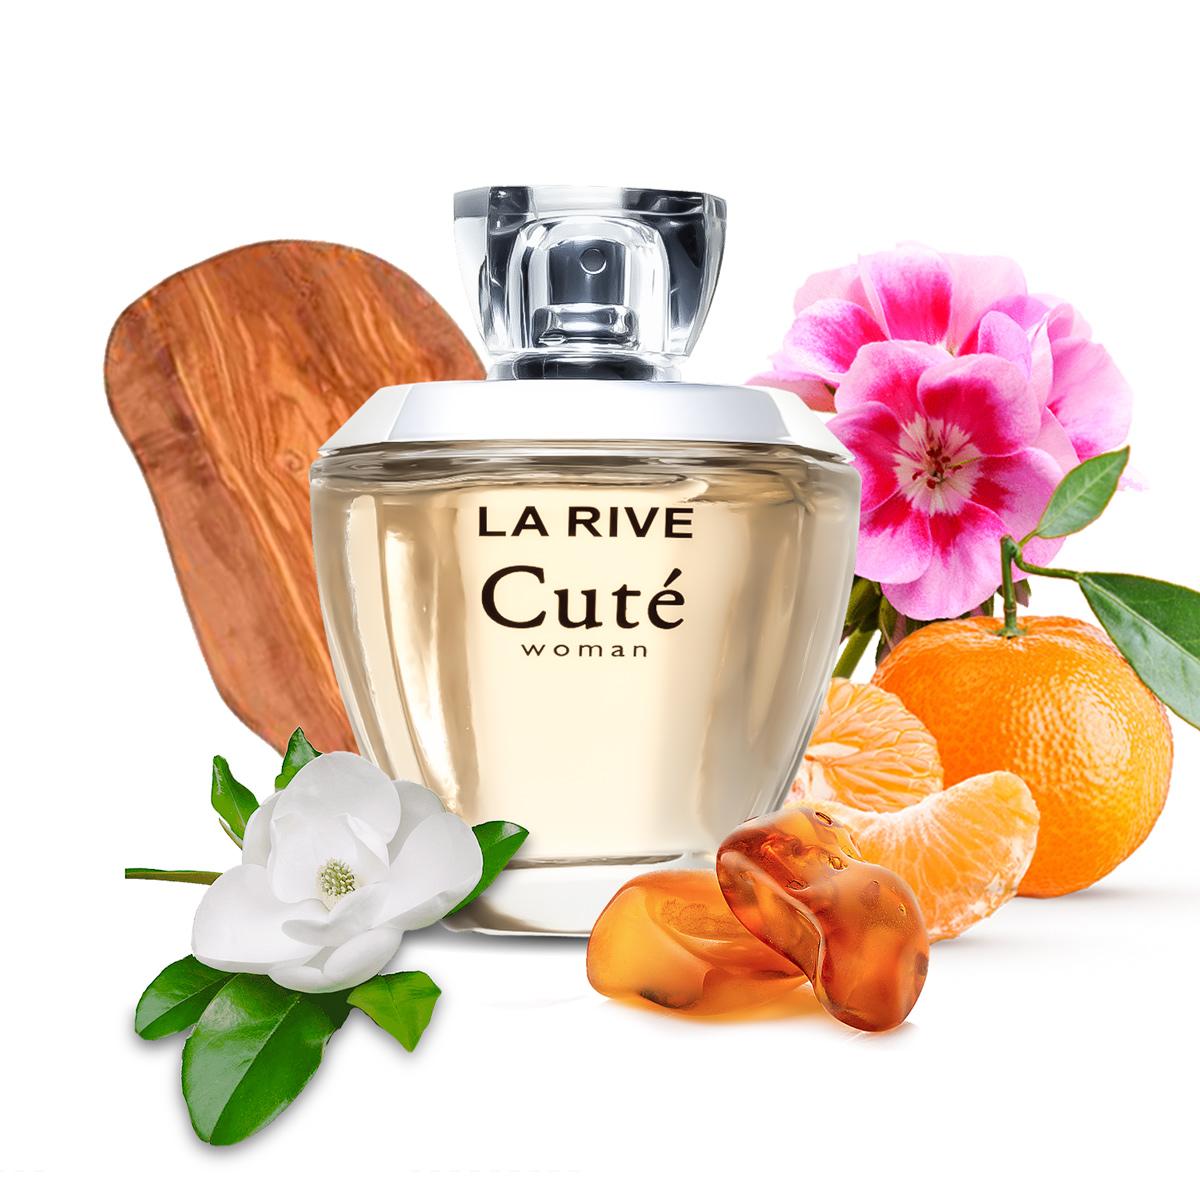 Kit 2 Perfumes Importados Cuté e Body Like a Man La Rive